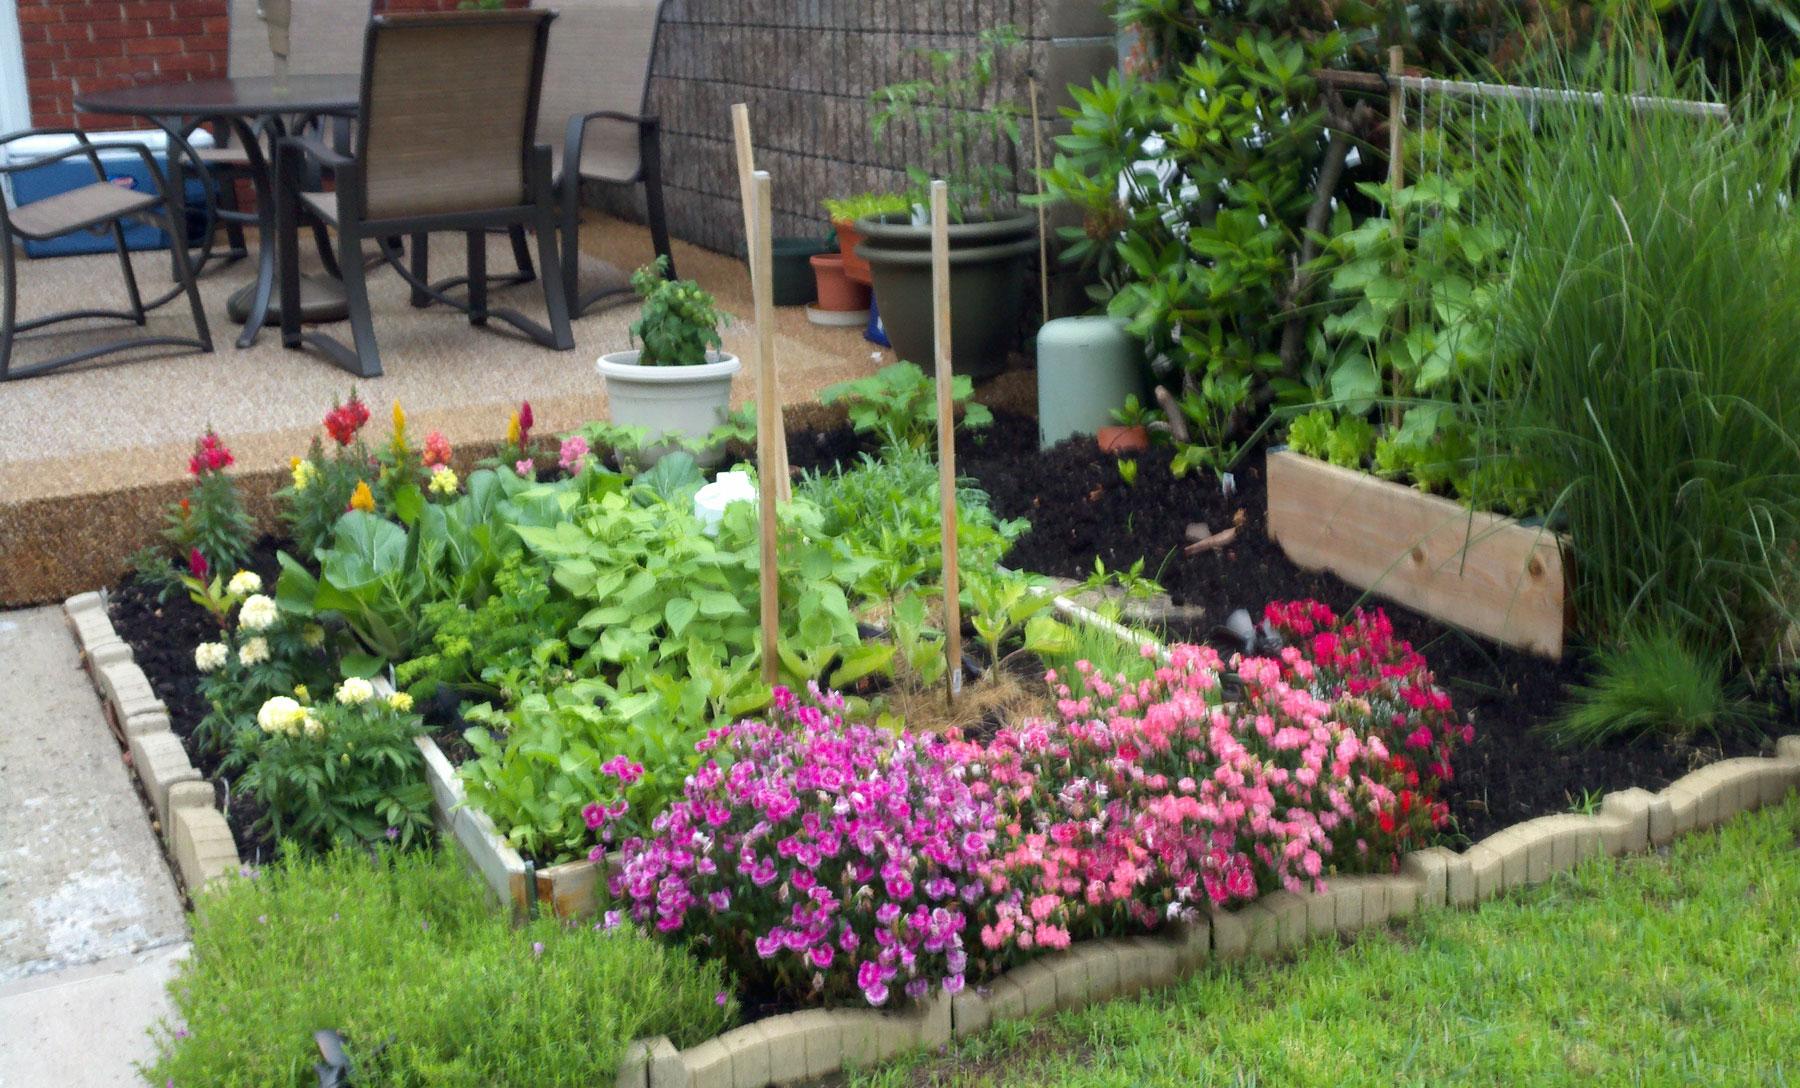 vegetable garden design ideas backyard photo - 7